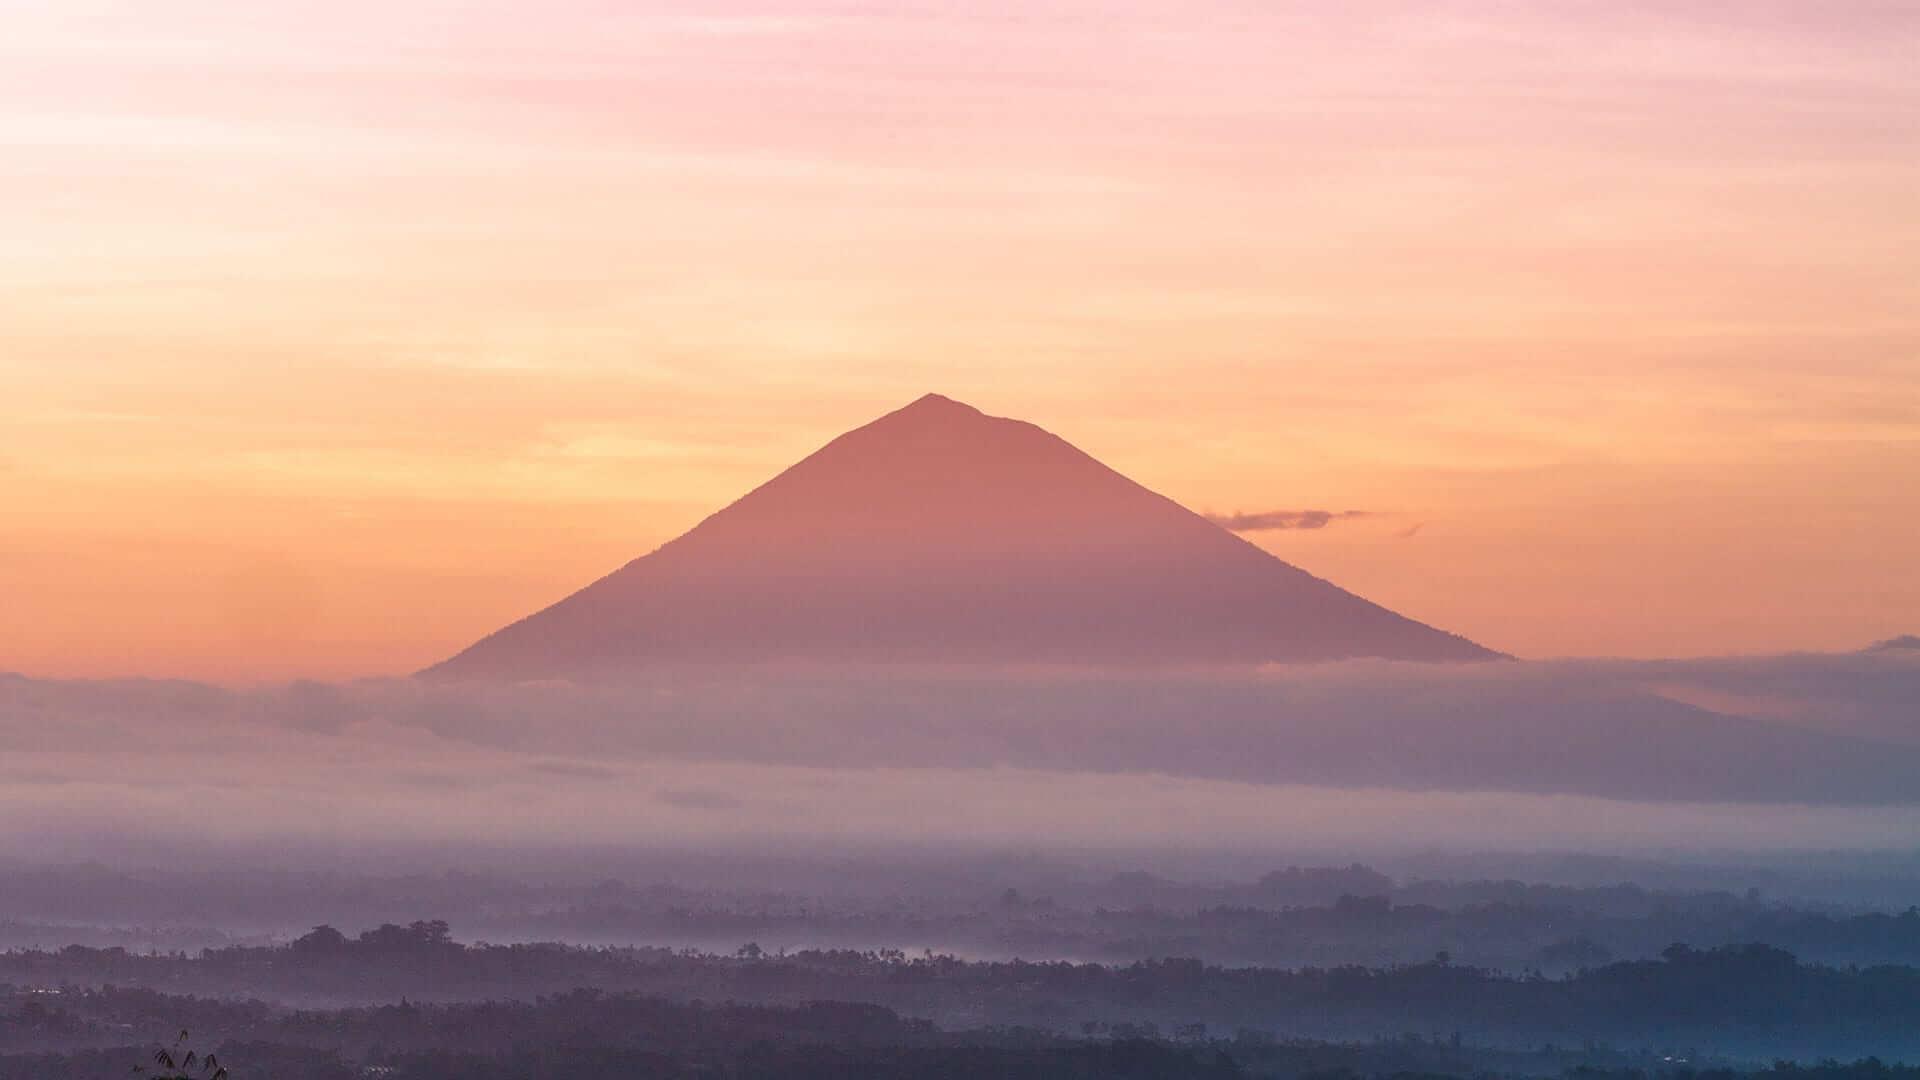 Backlit Volcano in sunset misty landscape